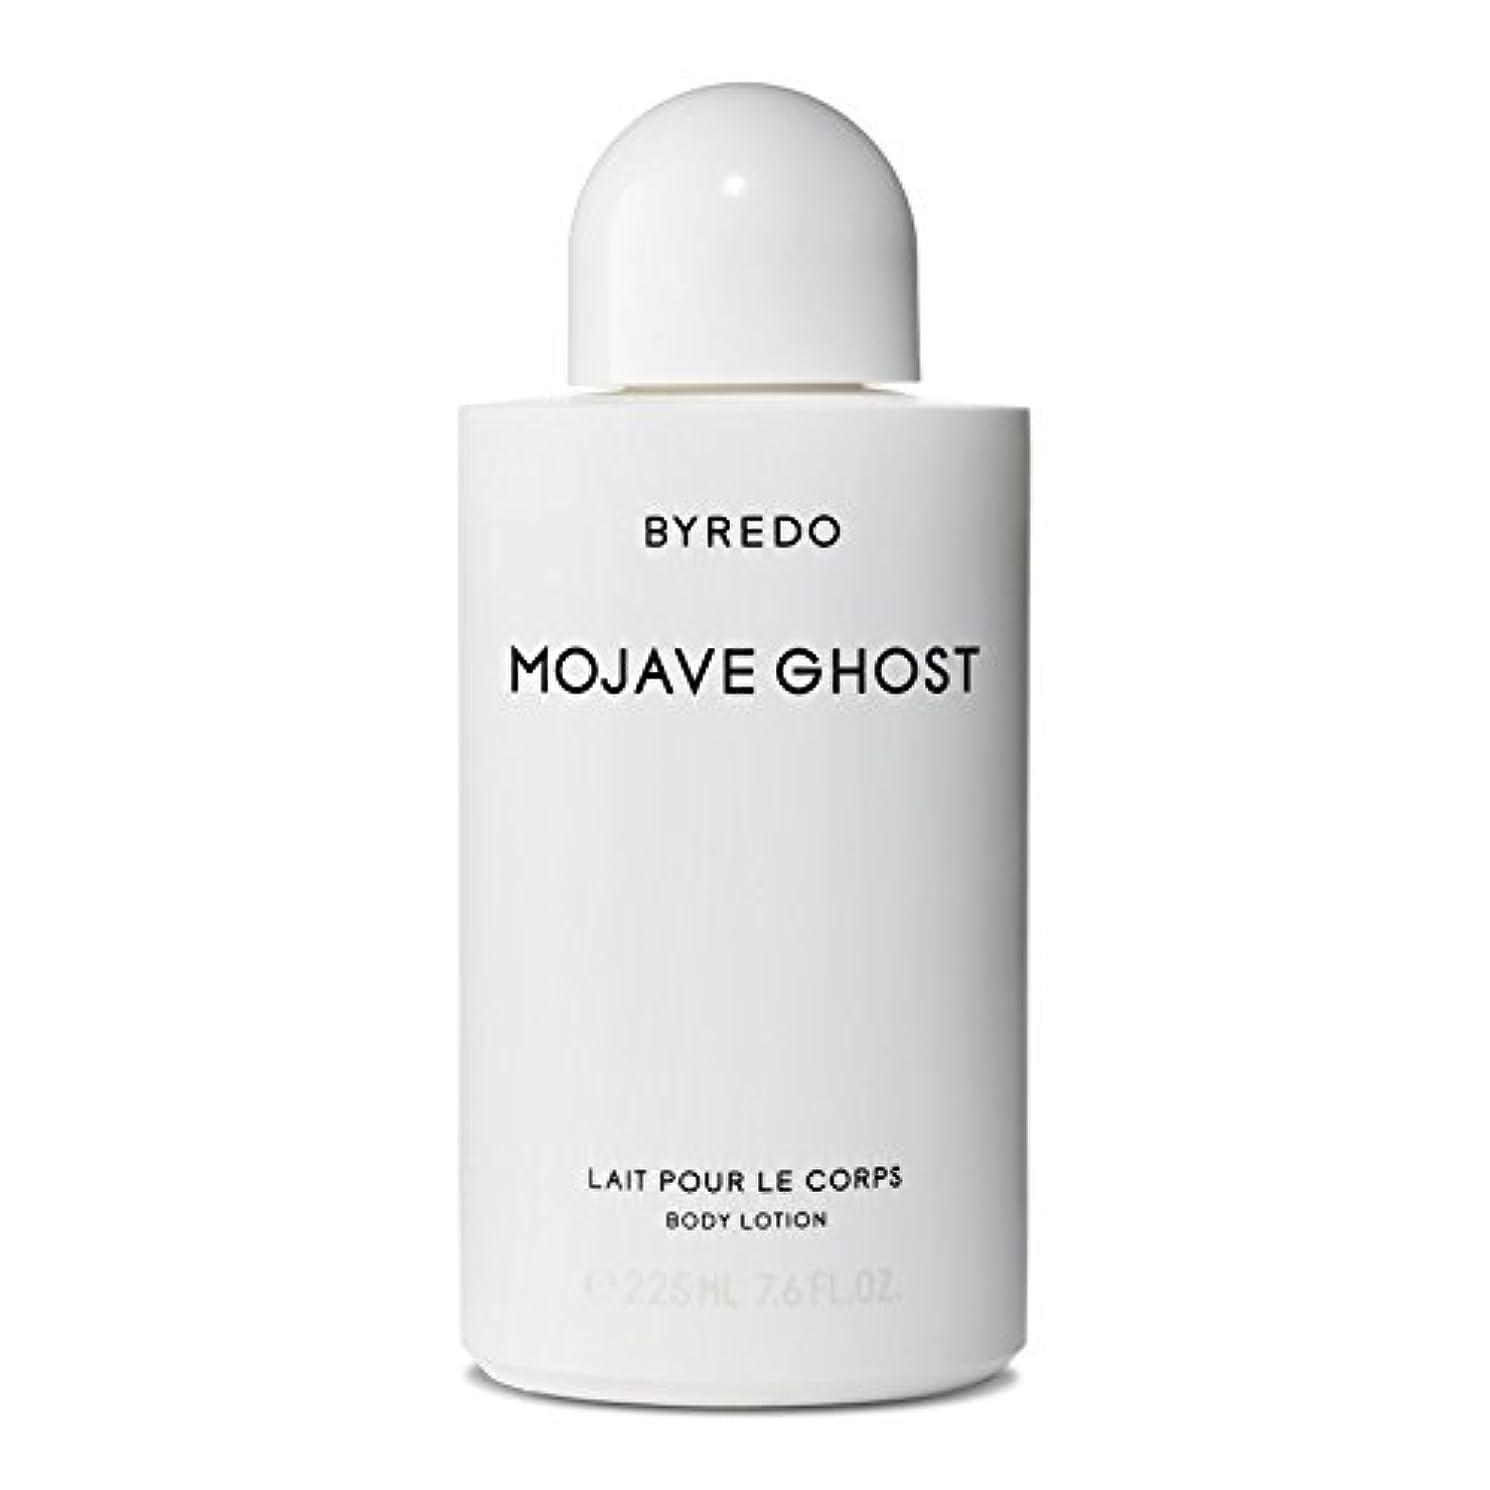 力強いに渡ってピボットByredo Mojave Ghost Body Lotion - モハーベゴーストボディローション [並行輸入品]